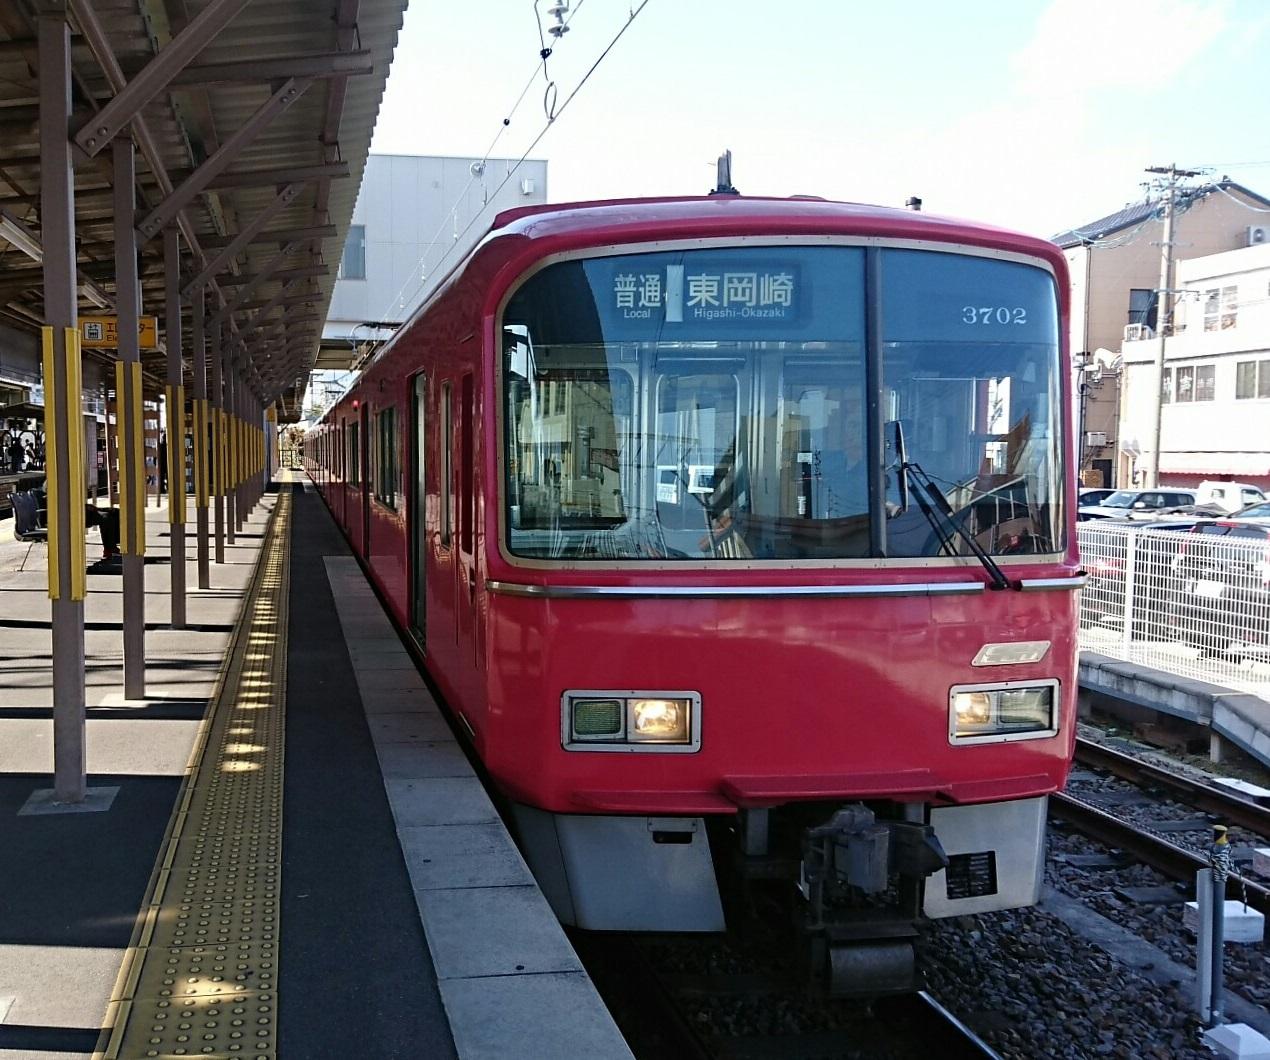 2018.2.23 東岡崎 (2) しんあんじょう - 東岡崎いきふつう 1270-1060